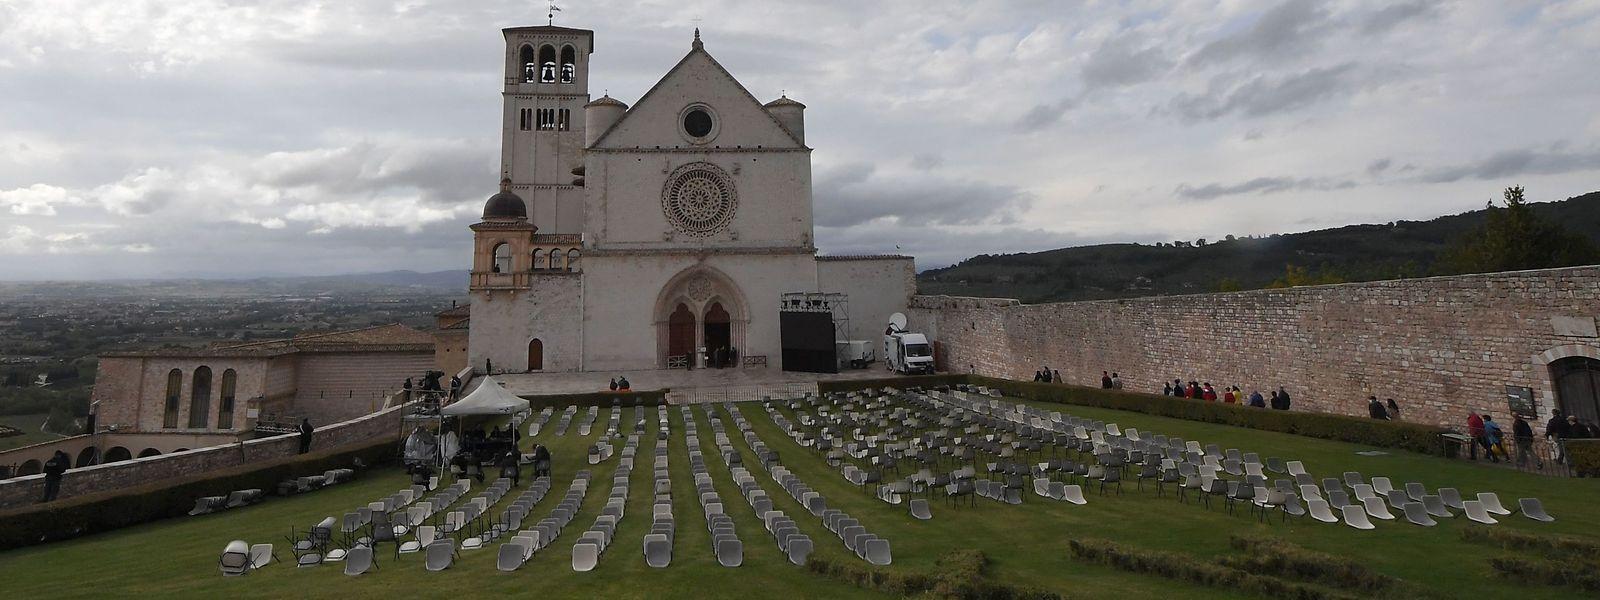 Die Basilika in Assisi.